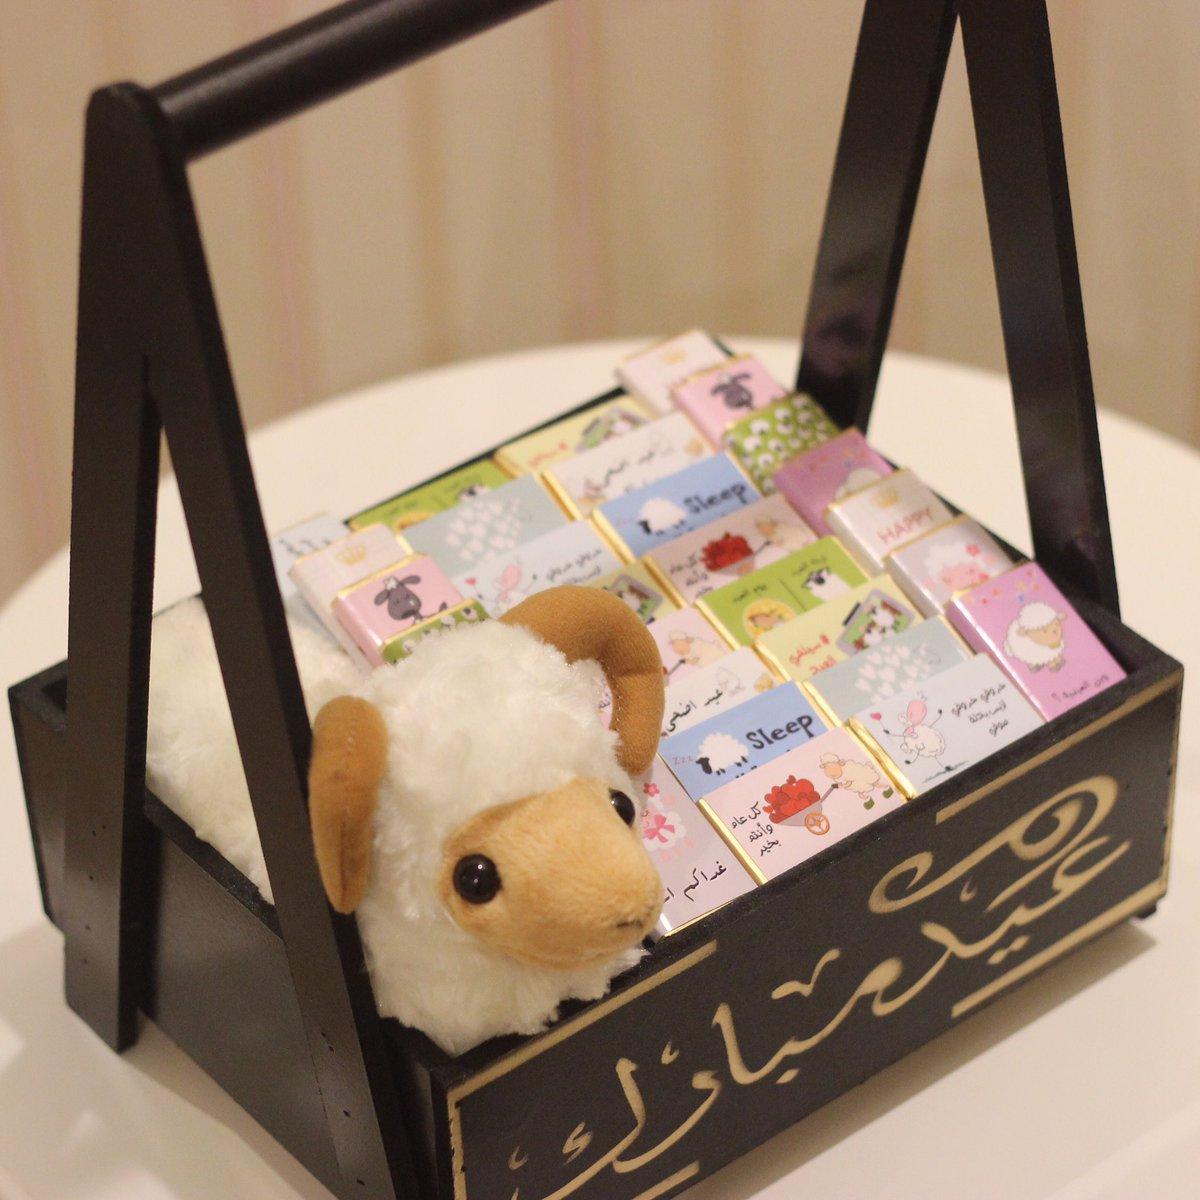 بوكس الخروف والشيكولاتة هدايا الحبيبة فى العيد (3)